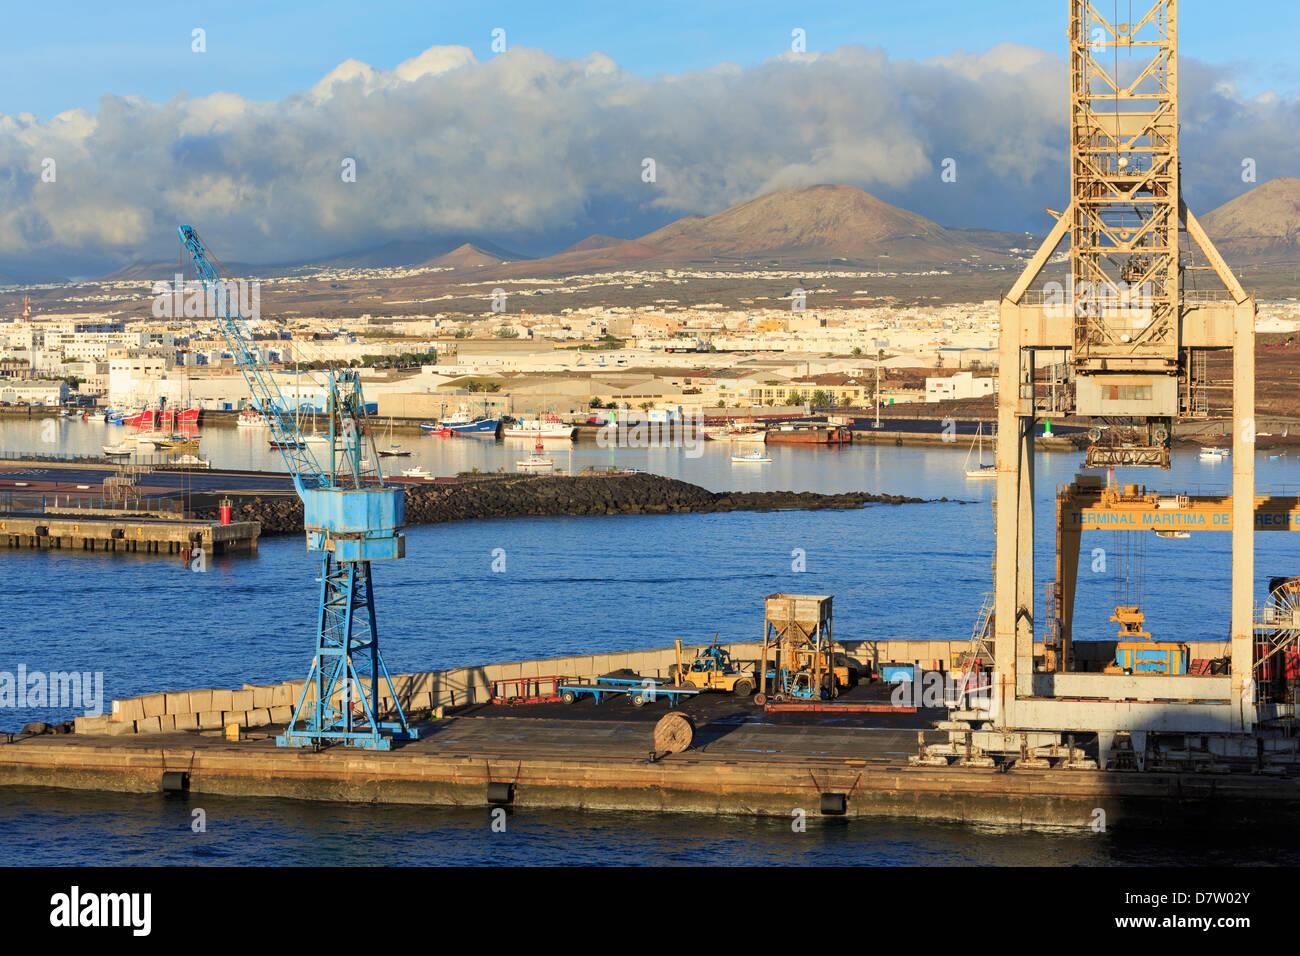 Port of Marmoles in Arrecife, Lanzarote Island, Canary Islands, Spain, Atlantic - Stock Image